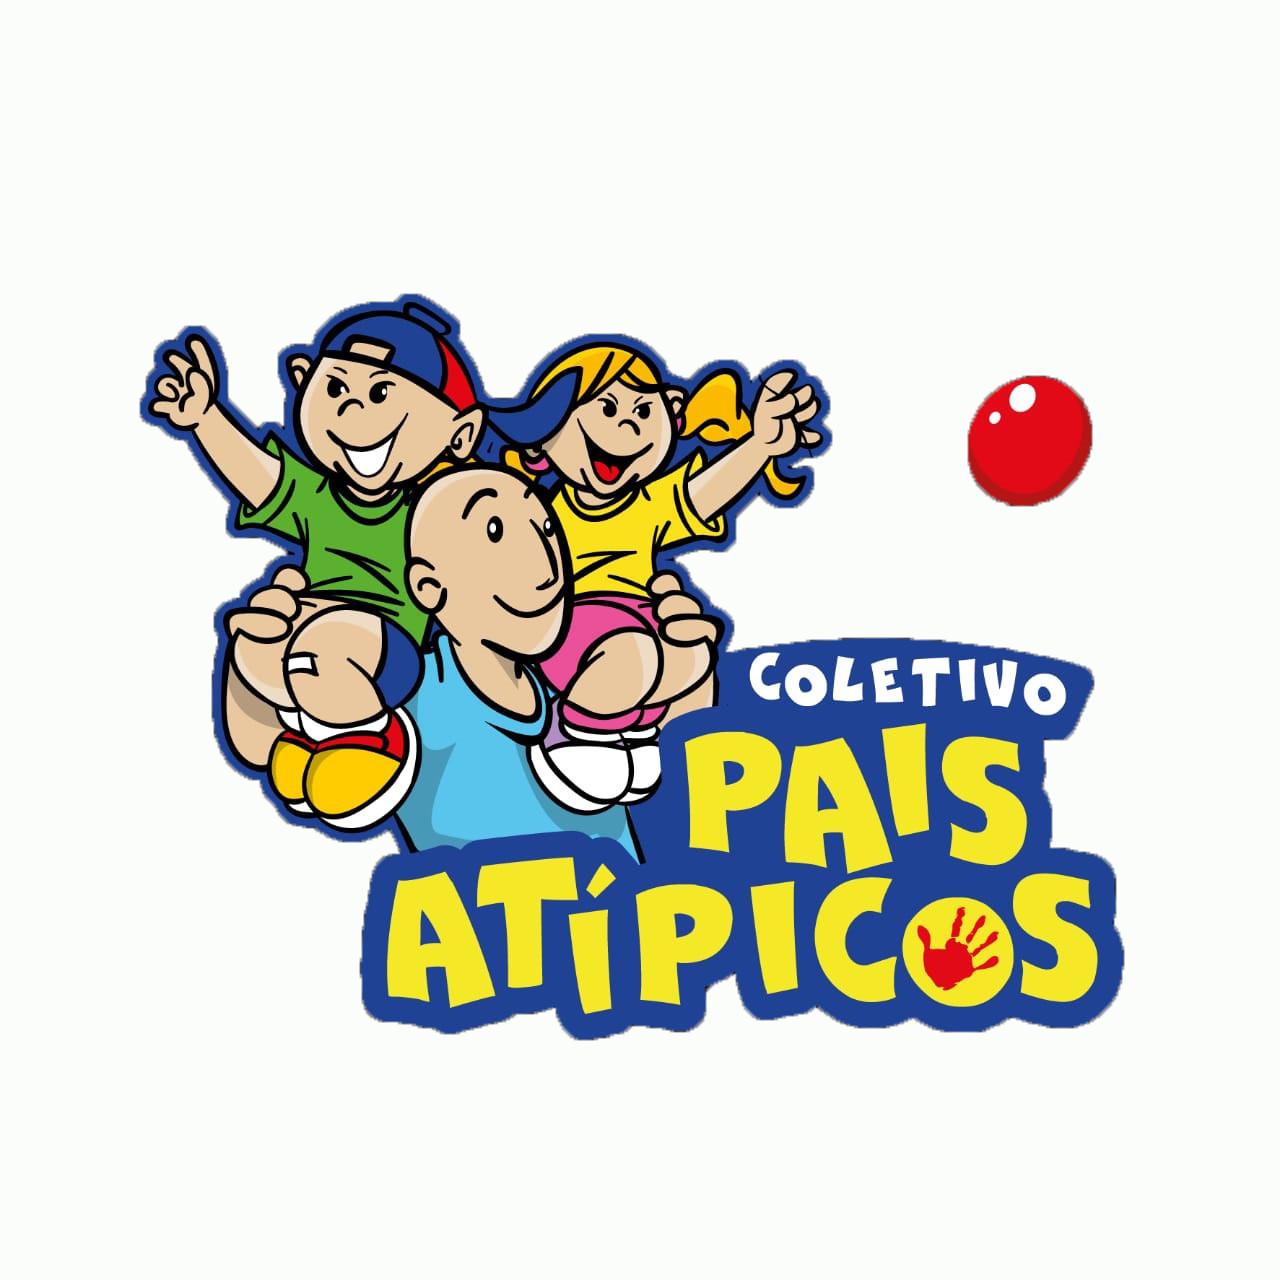 Logo - PATERNIDADE + INCLUSÃO X DIÁLOGOS = COLETIVO PAIS ATÍPICOS